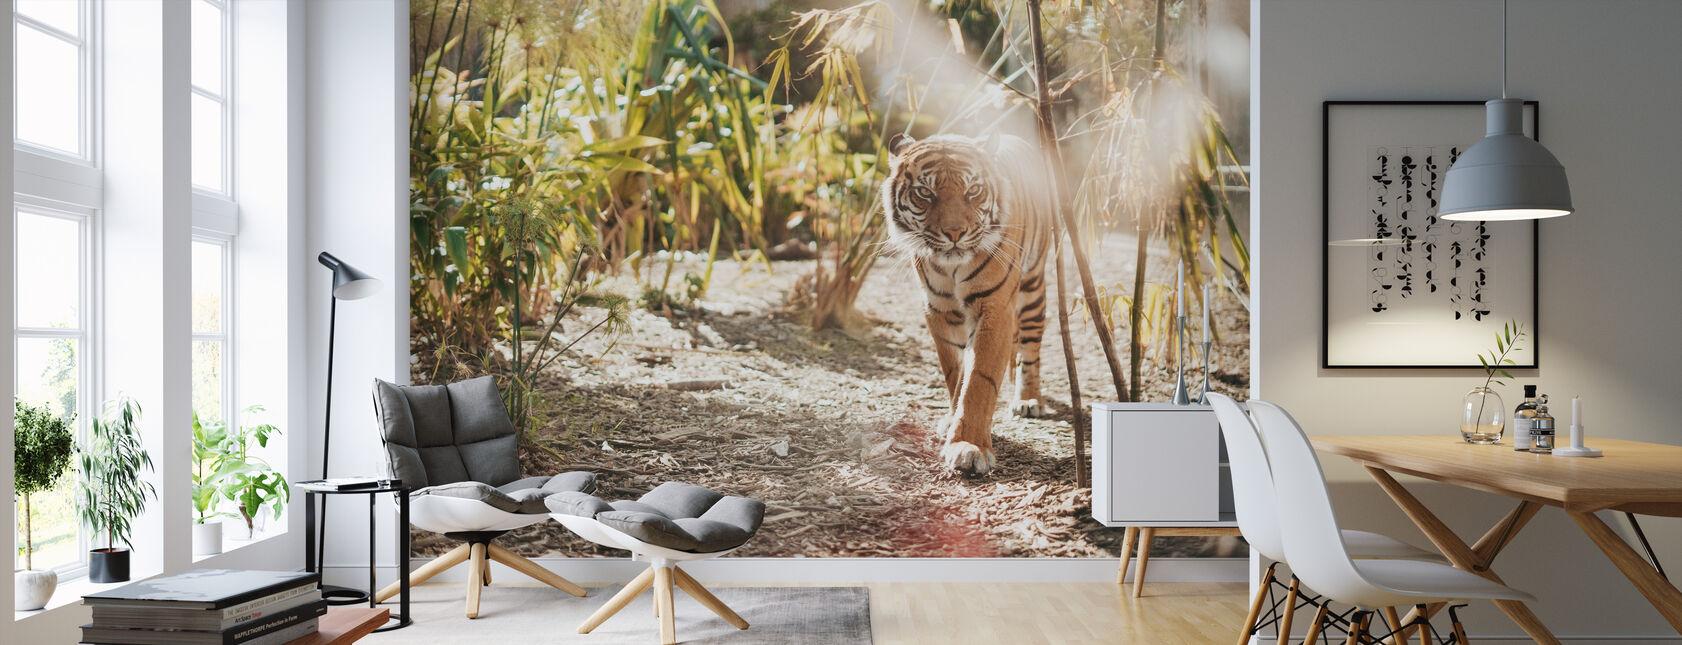 Großer Tiger - Tapete - Wohnzimmer